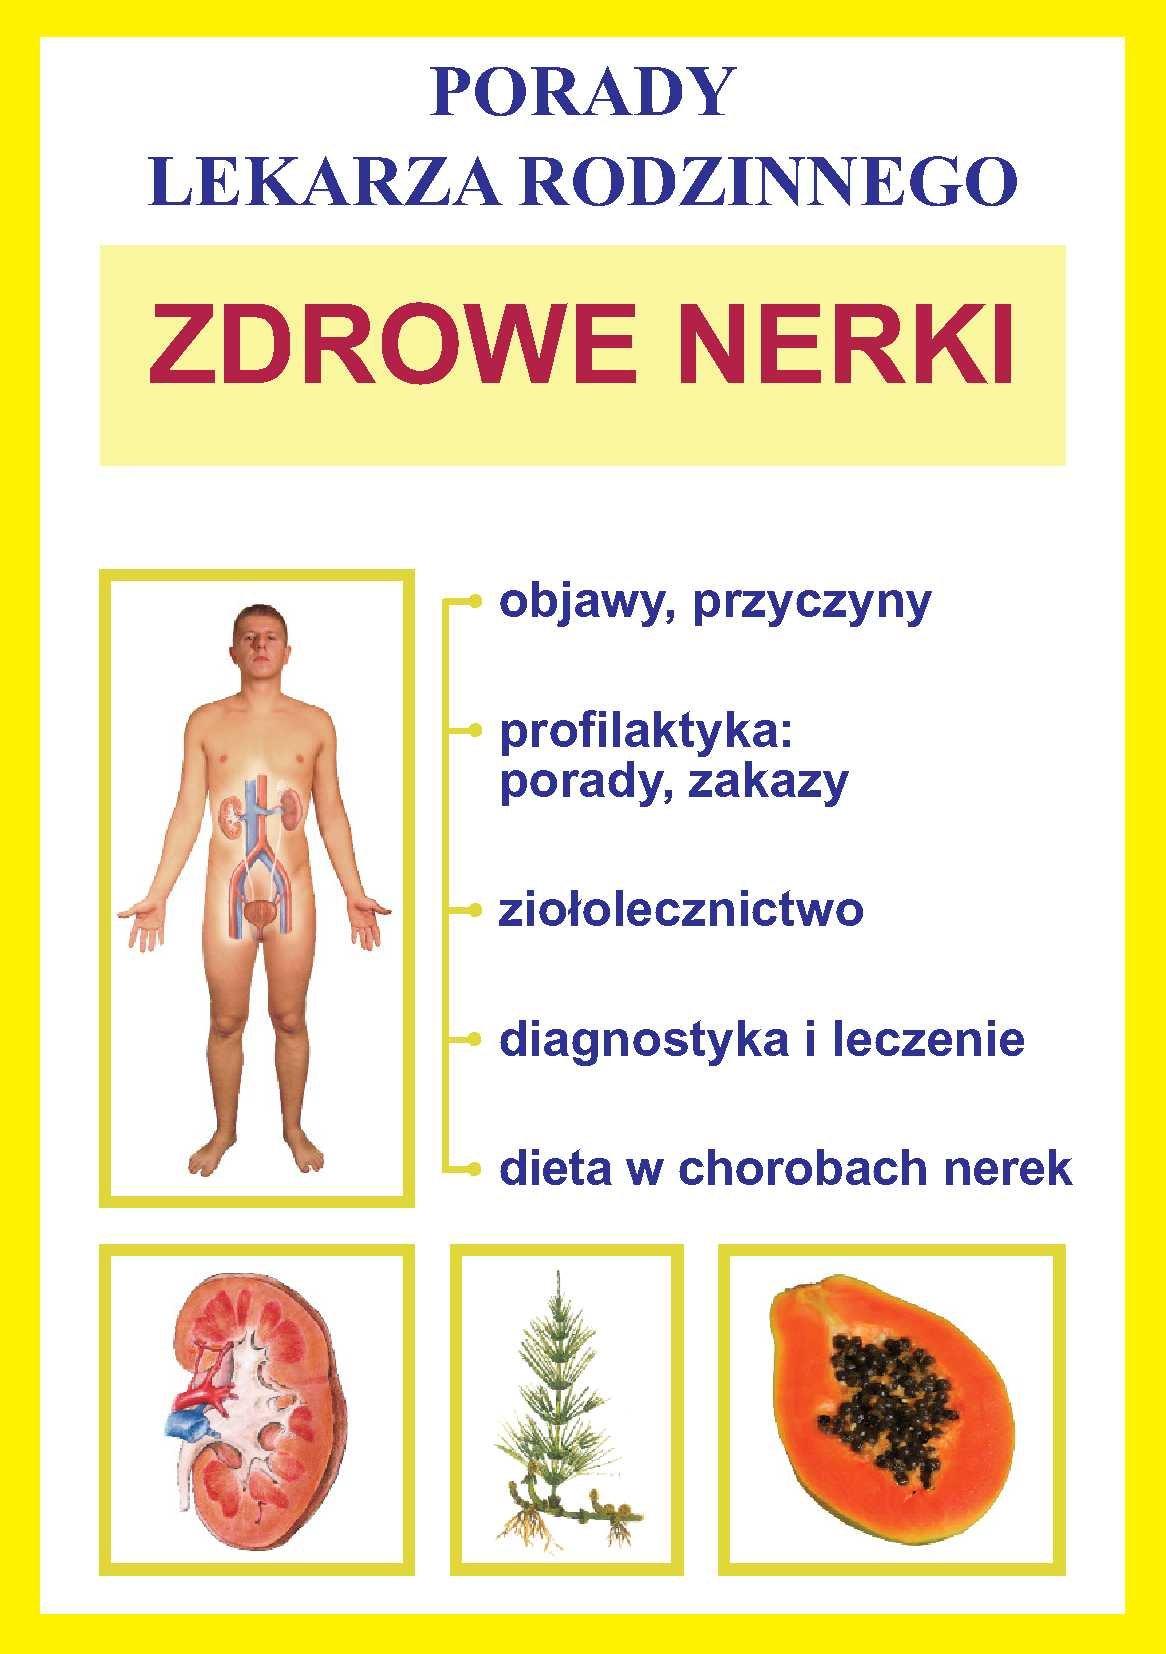 Zdrowe nerki. Porady lekarza rodzinnego - Ebook (Książka PDF) do pobrania w formacie PDF